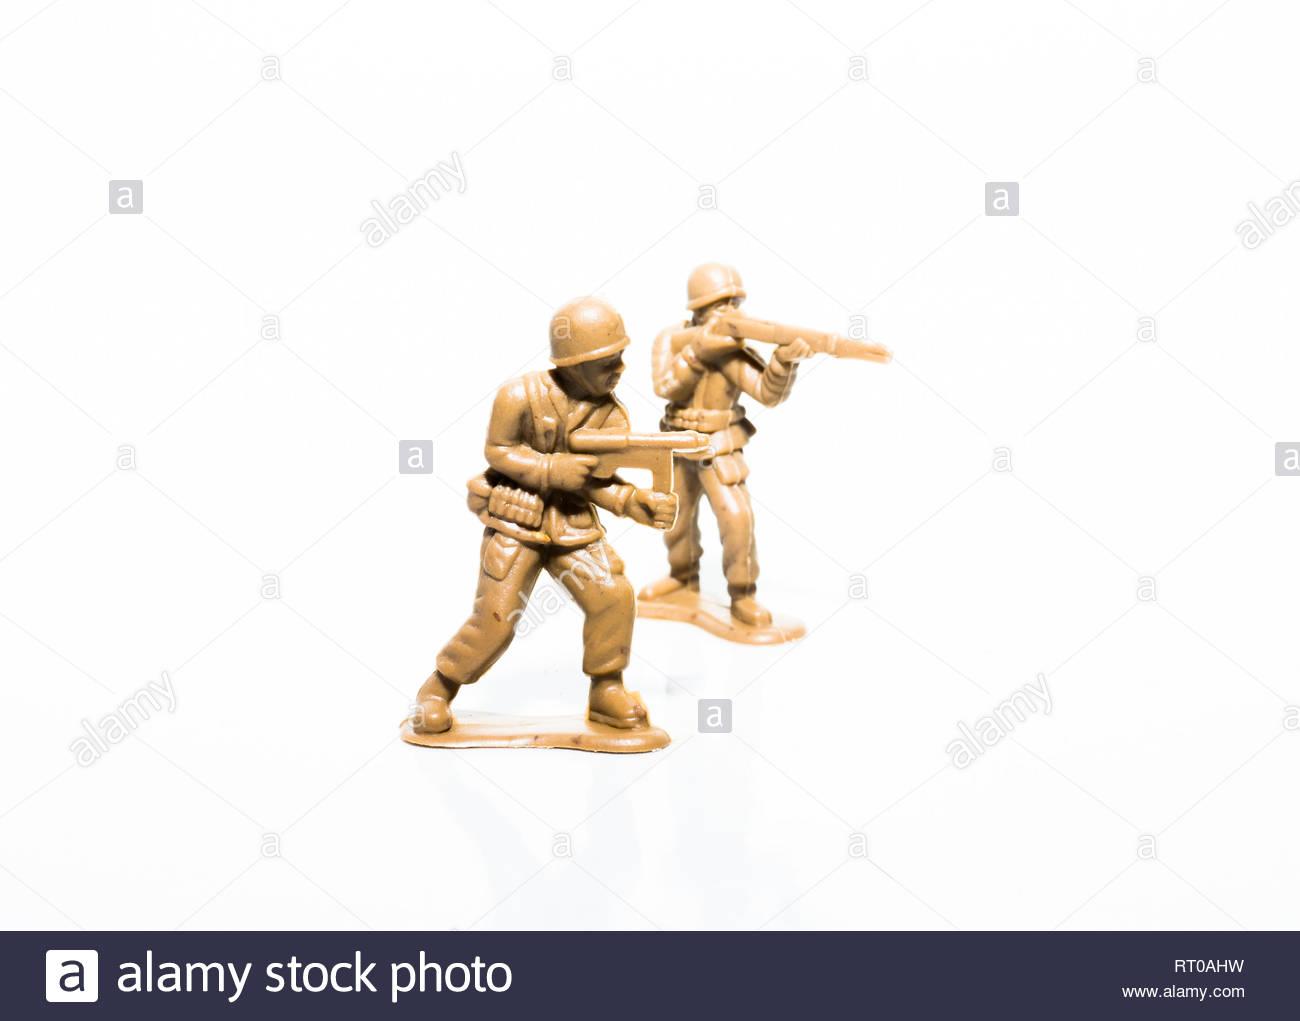 Deux soldats tan en plastique sur un fond blanc Banque D'Images